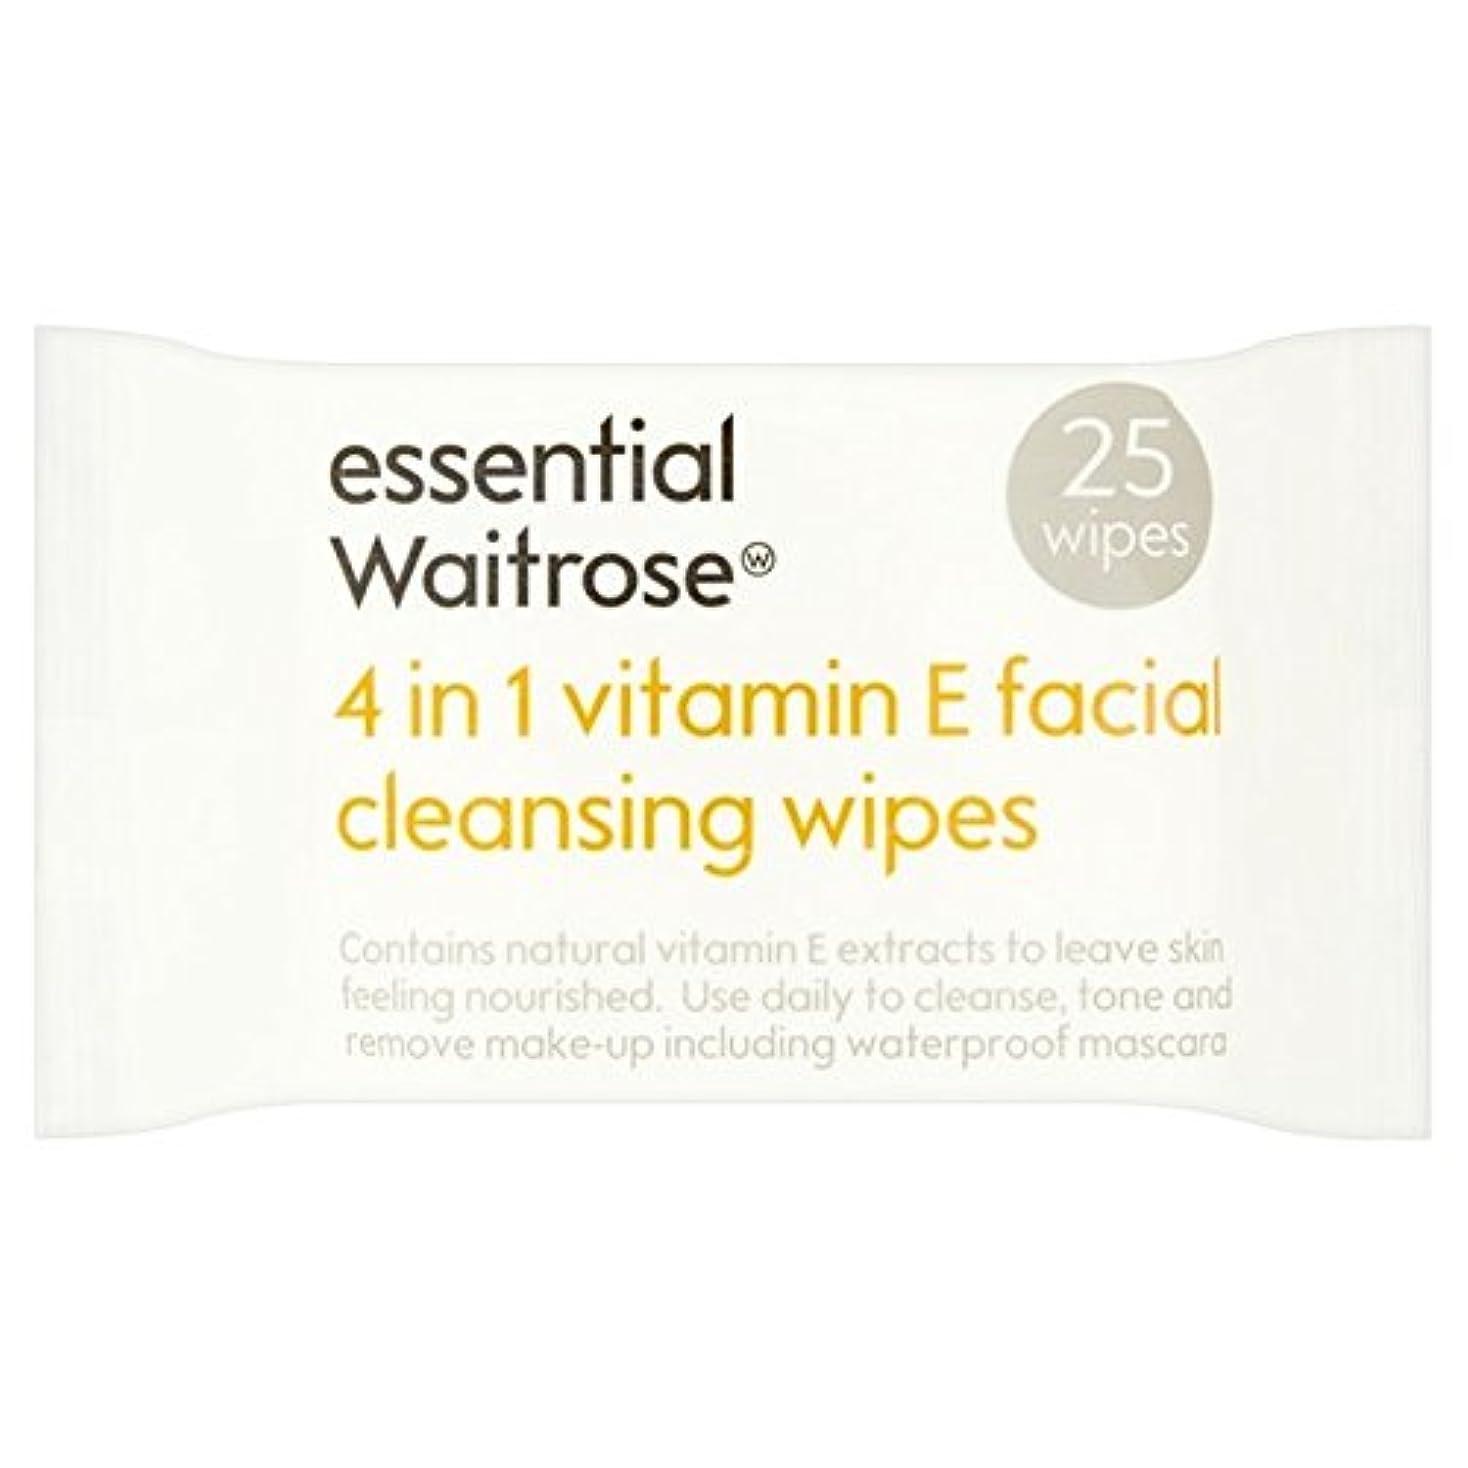 番号データム眉1つのクレンジングで4不可欠パックあたりのビタミンウェイトローズ25ワイプ x4 - Essential 4 in 1 Cleansing Wipes Vitamin E Waitrose 25 per pack (Pack...